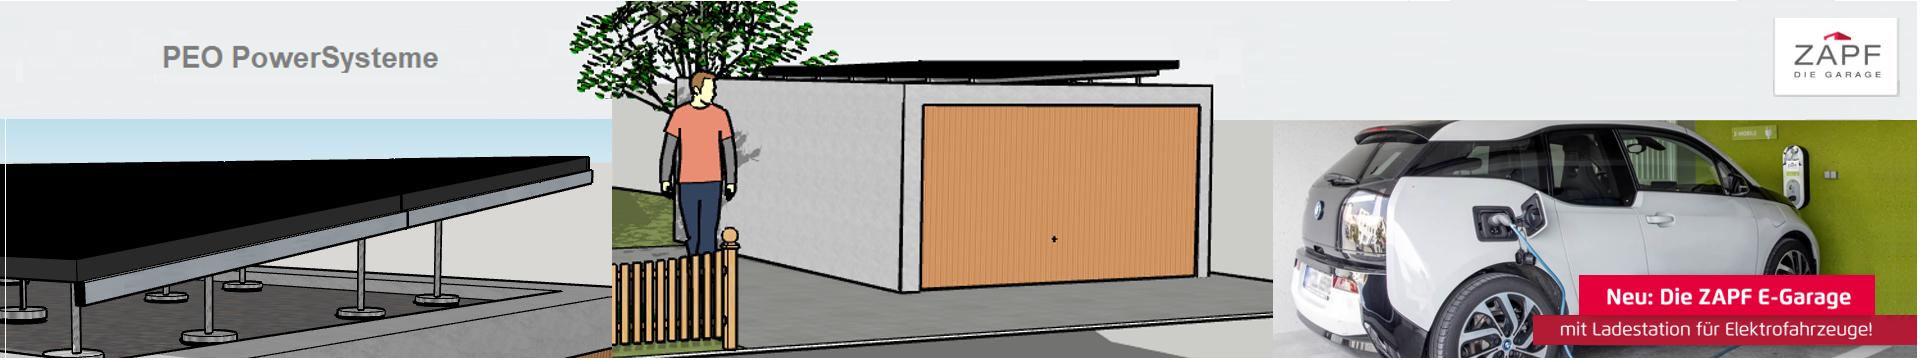 PEO PowerSystem für Zapf E-Garage mit Flachdach & Ladestation